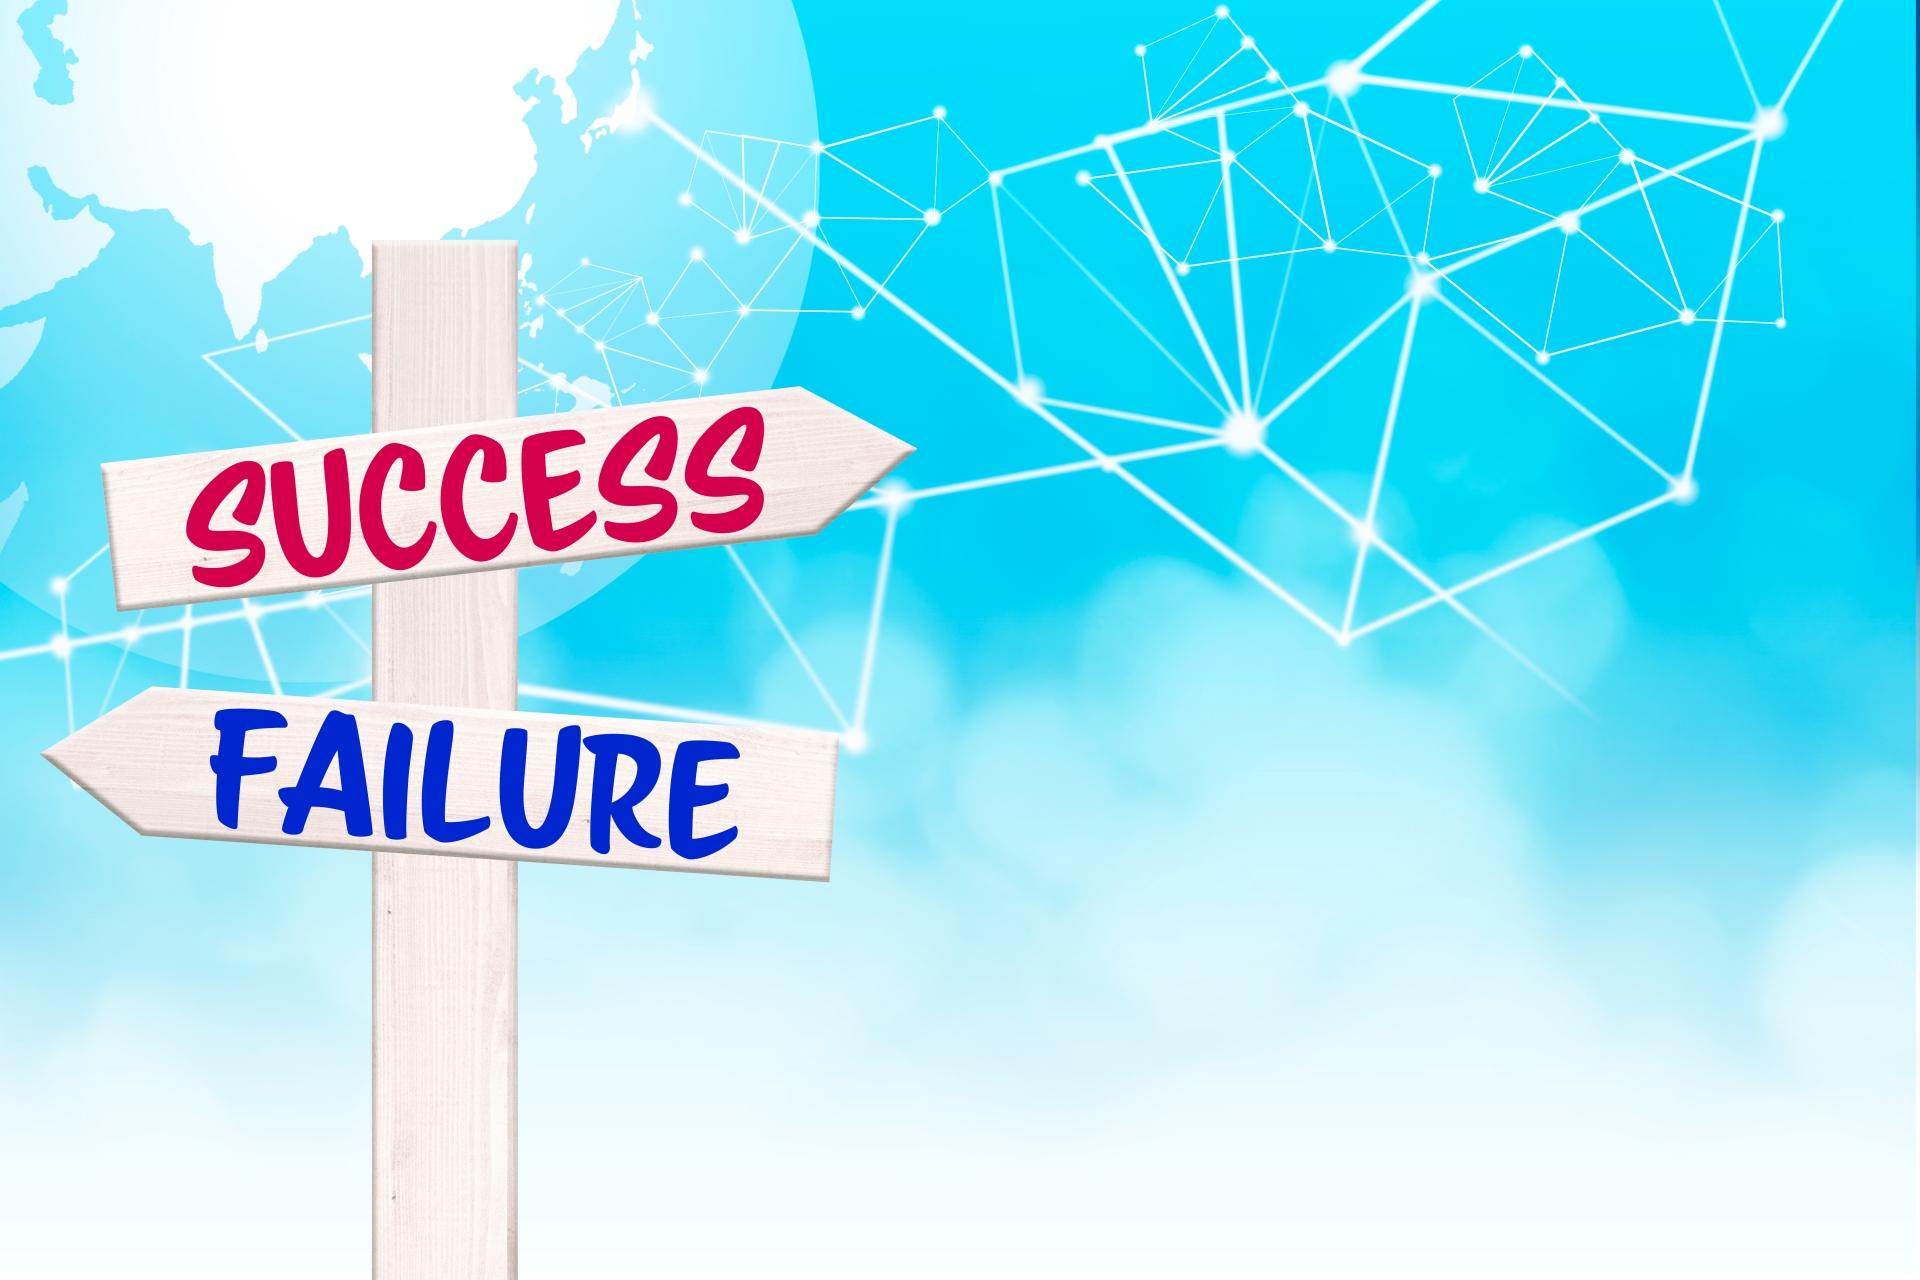 【2020年最新】マーケティングオートメーションの成功事例、失敗事例